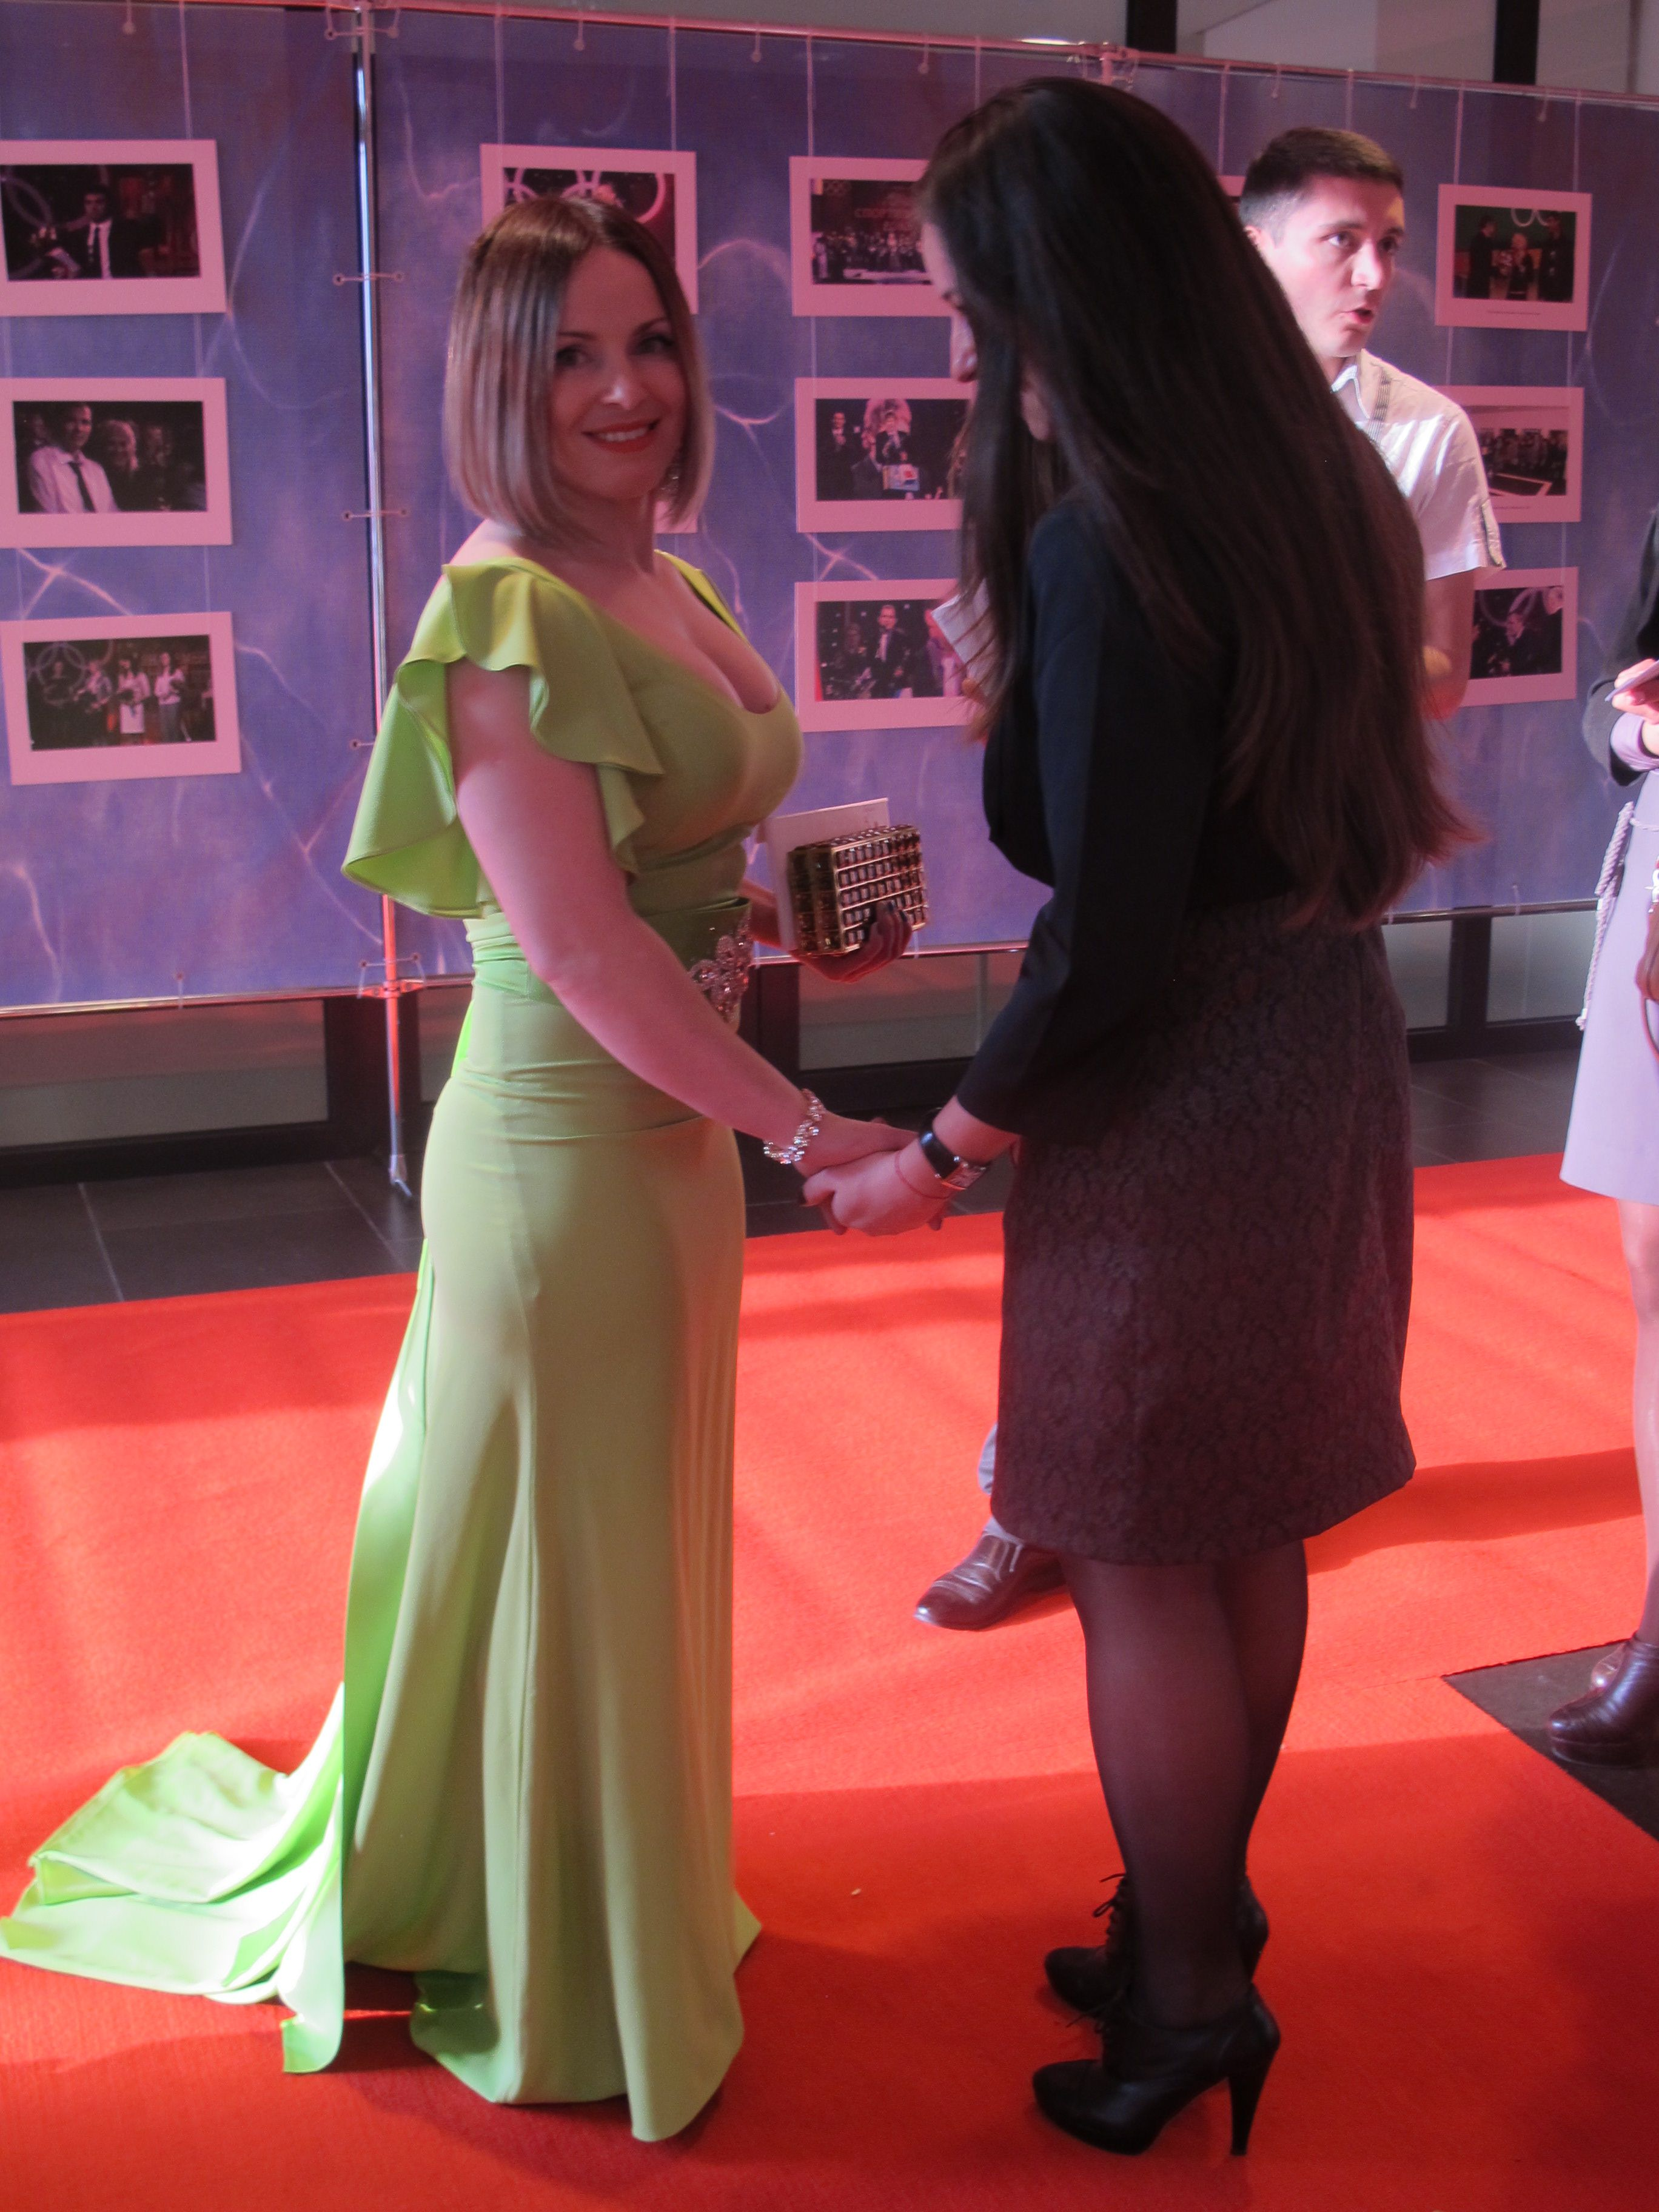 Олимпийская чемпионка по вольной борьбе Ирина Мерлени